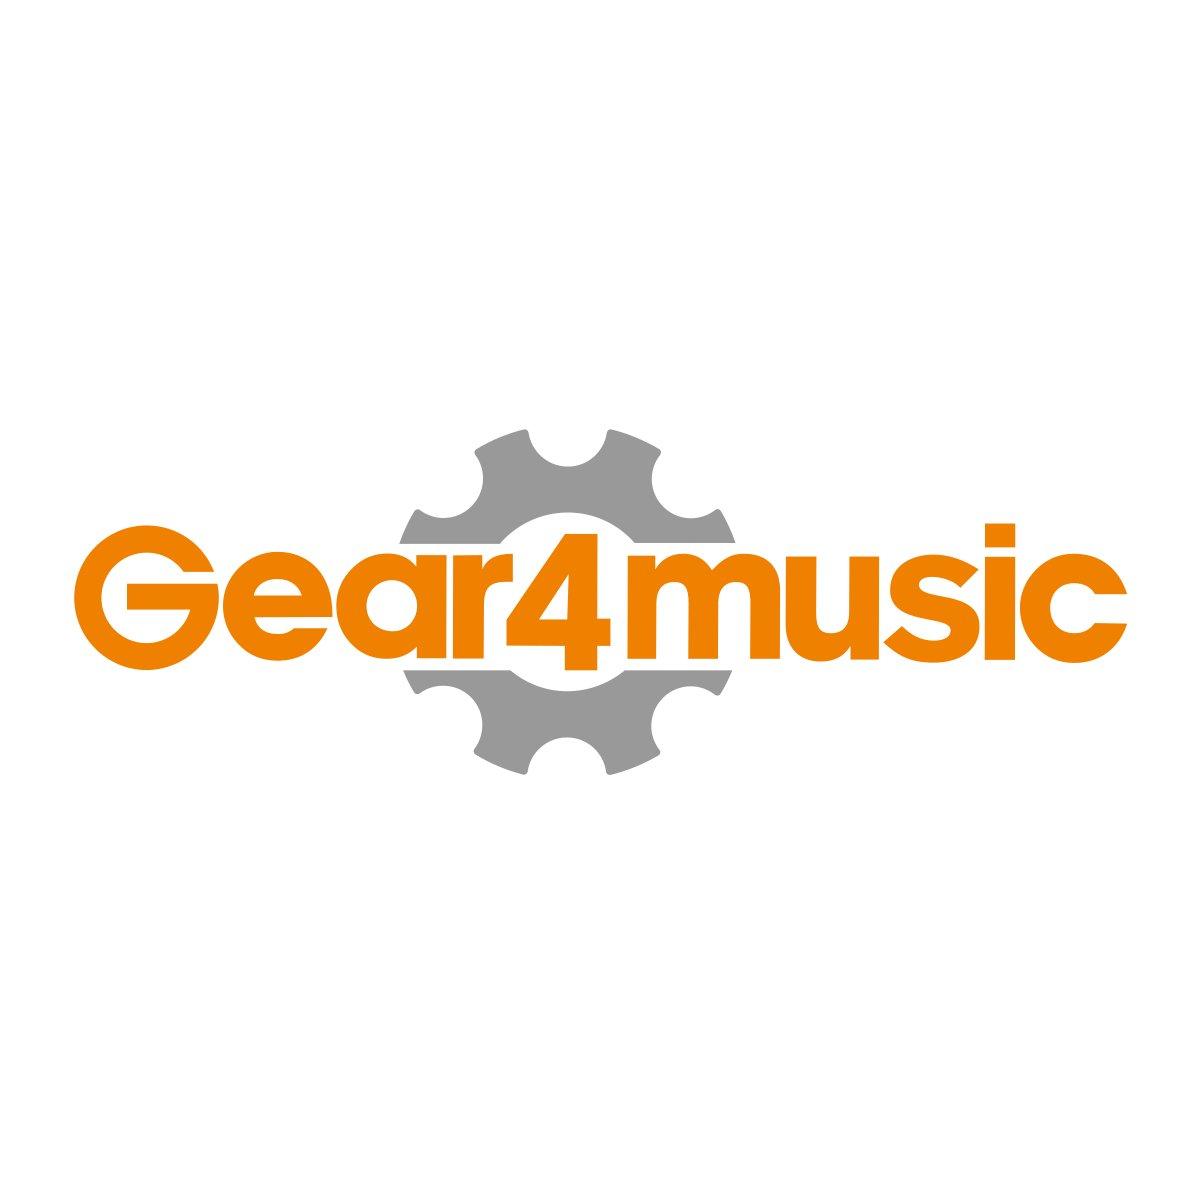 LA elektrische gitaar van Gear4music, blauw